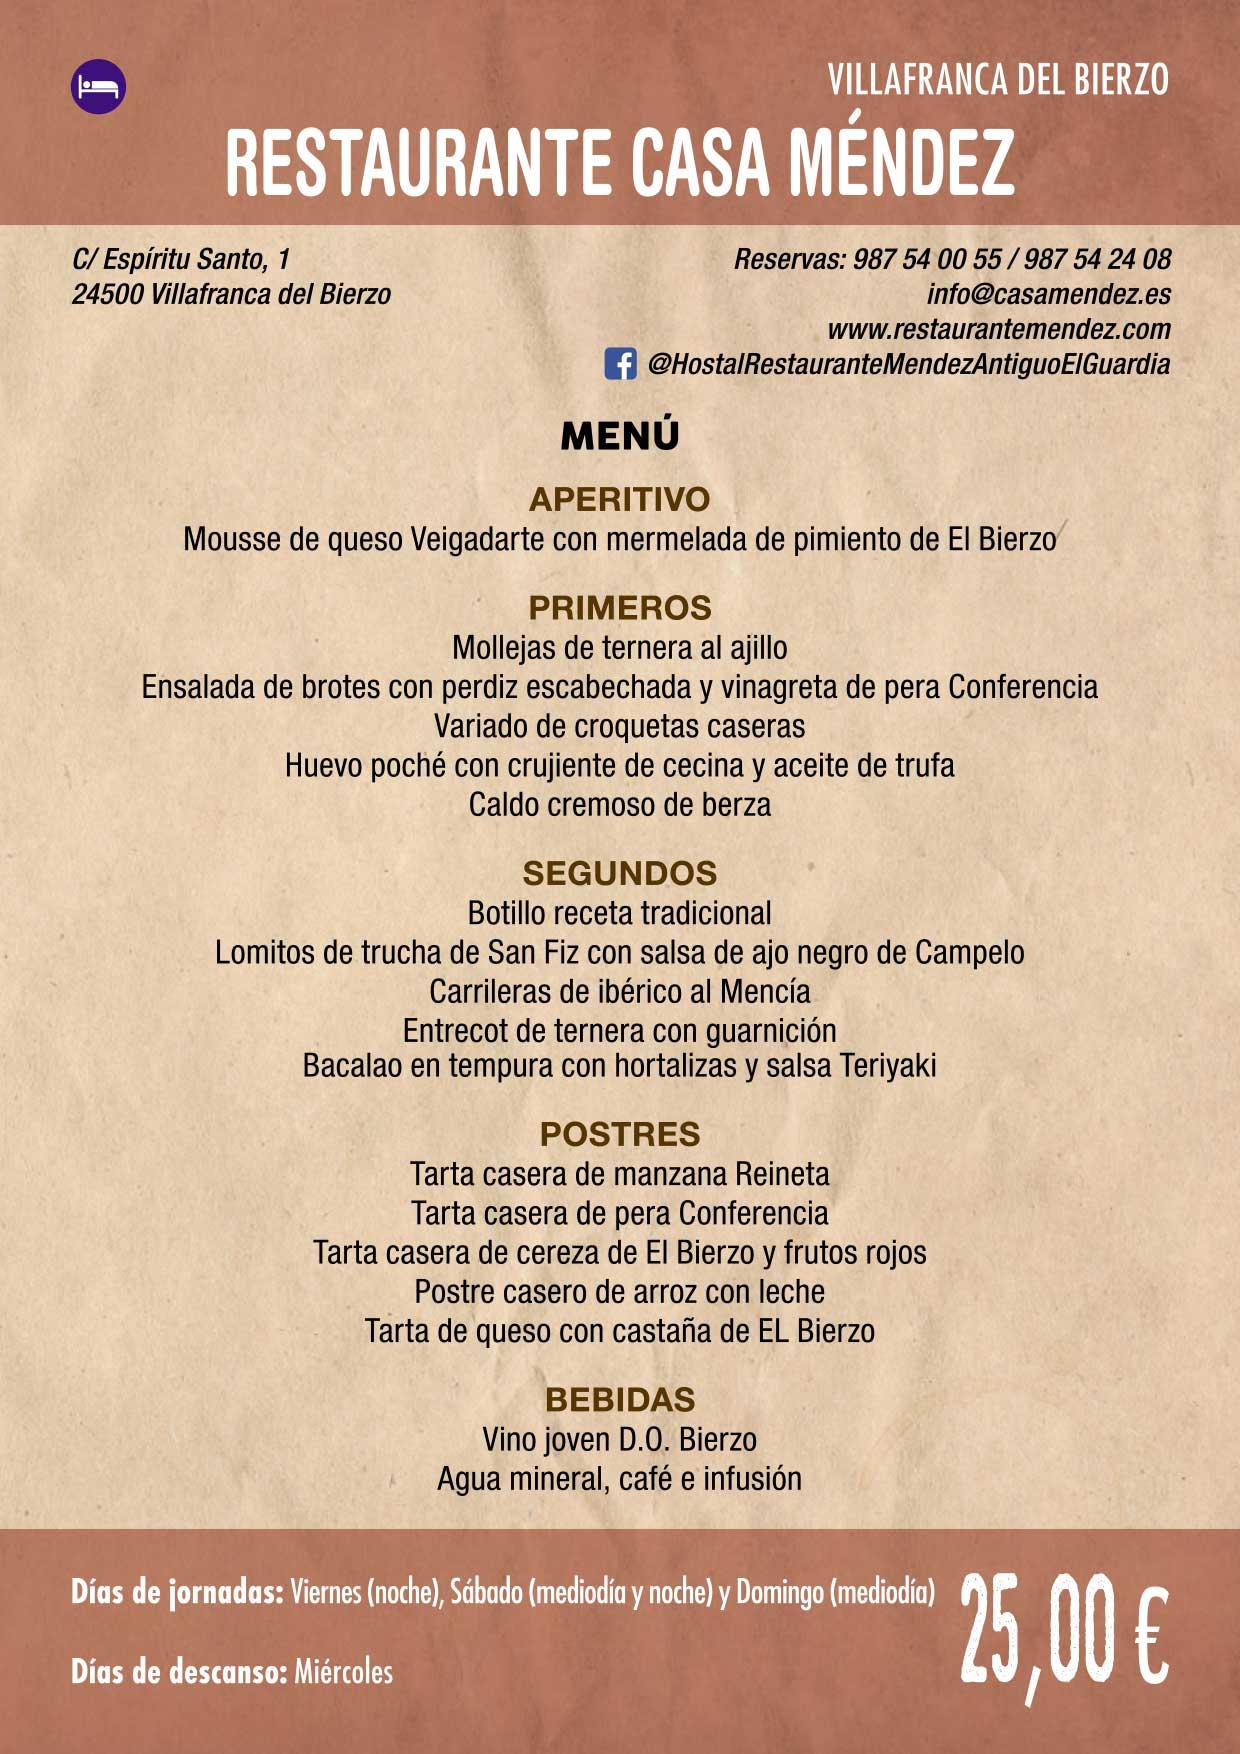 XXXVI Jornadas Gastronómicas De El Bierzo 2020. Consulta los restaurantes y menús 29